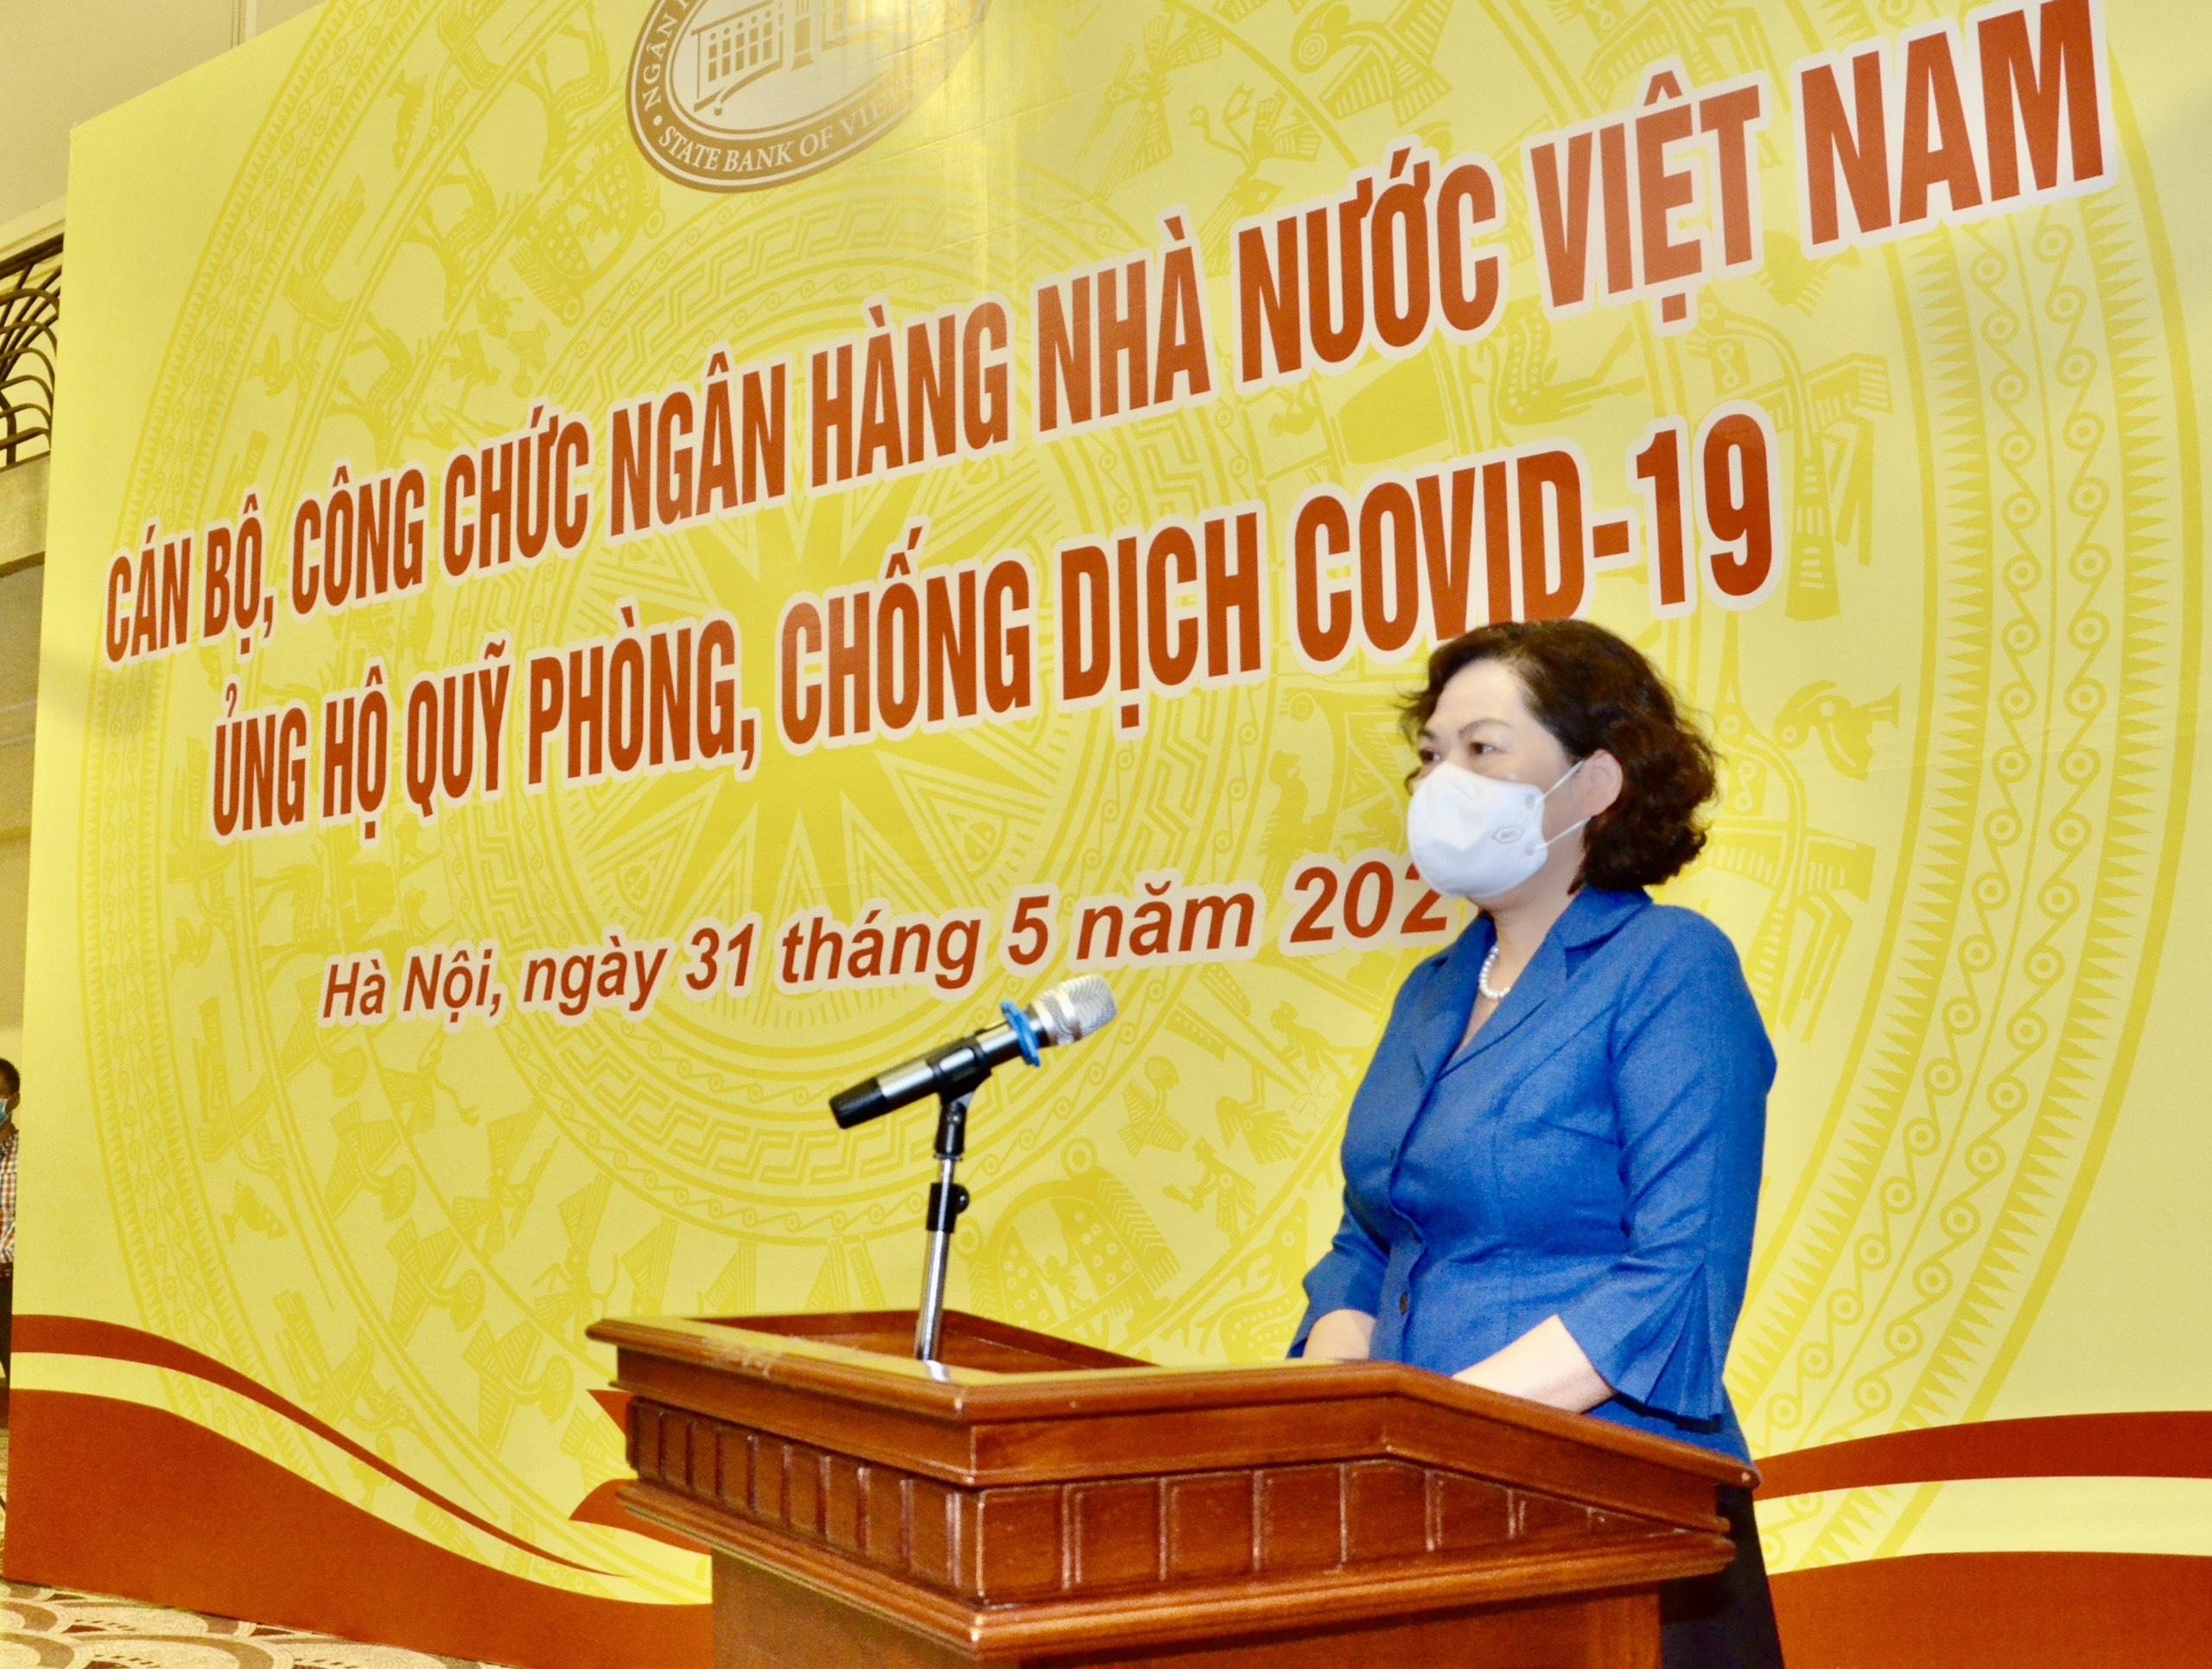 ngan hang nha nuoc viet nam ung ho quy phong chong covid 19